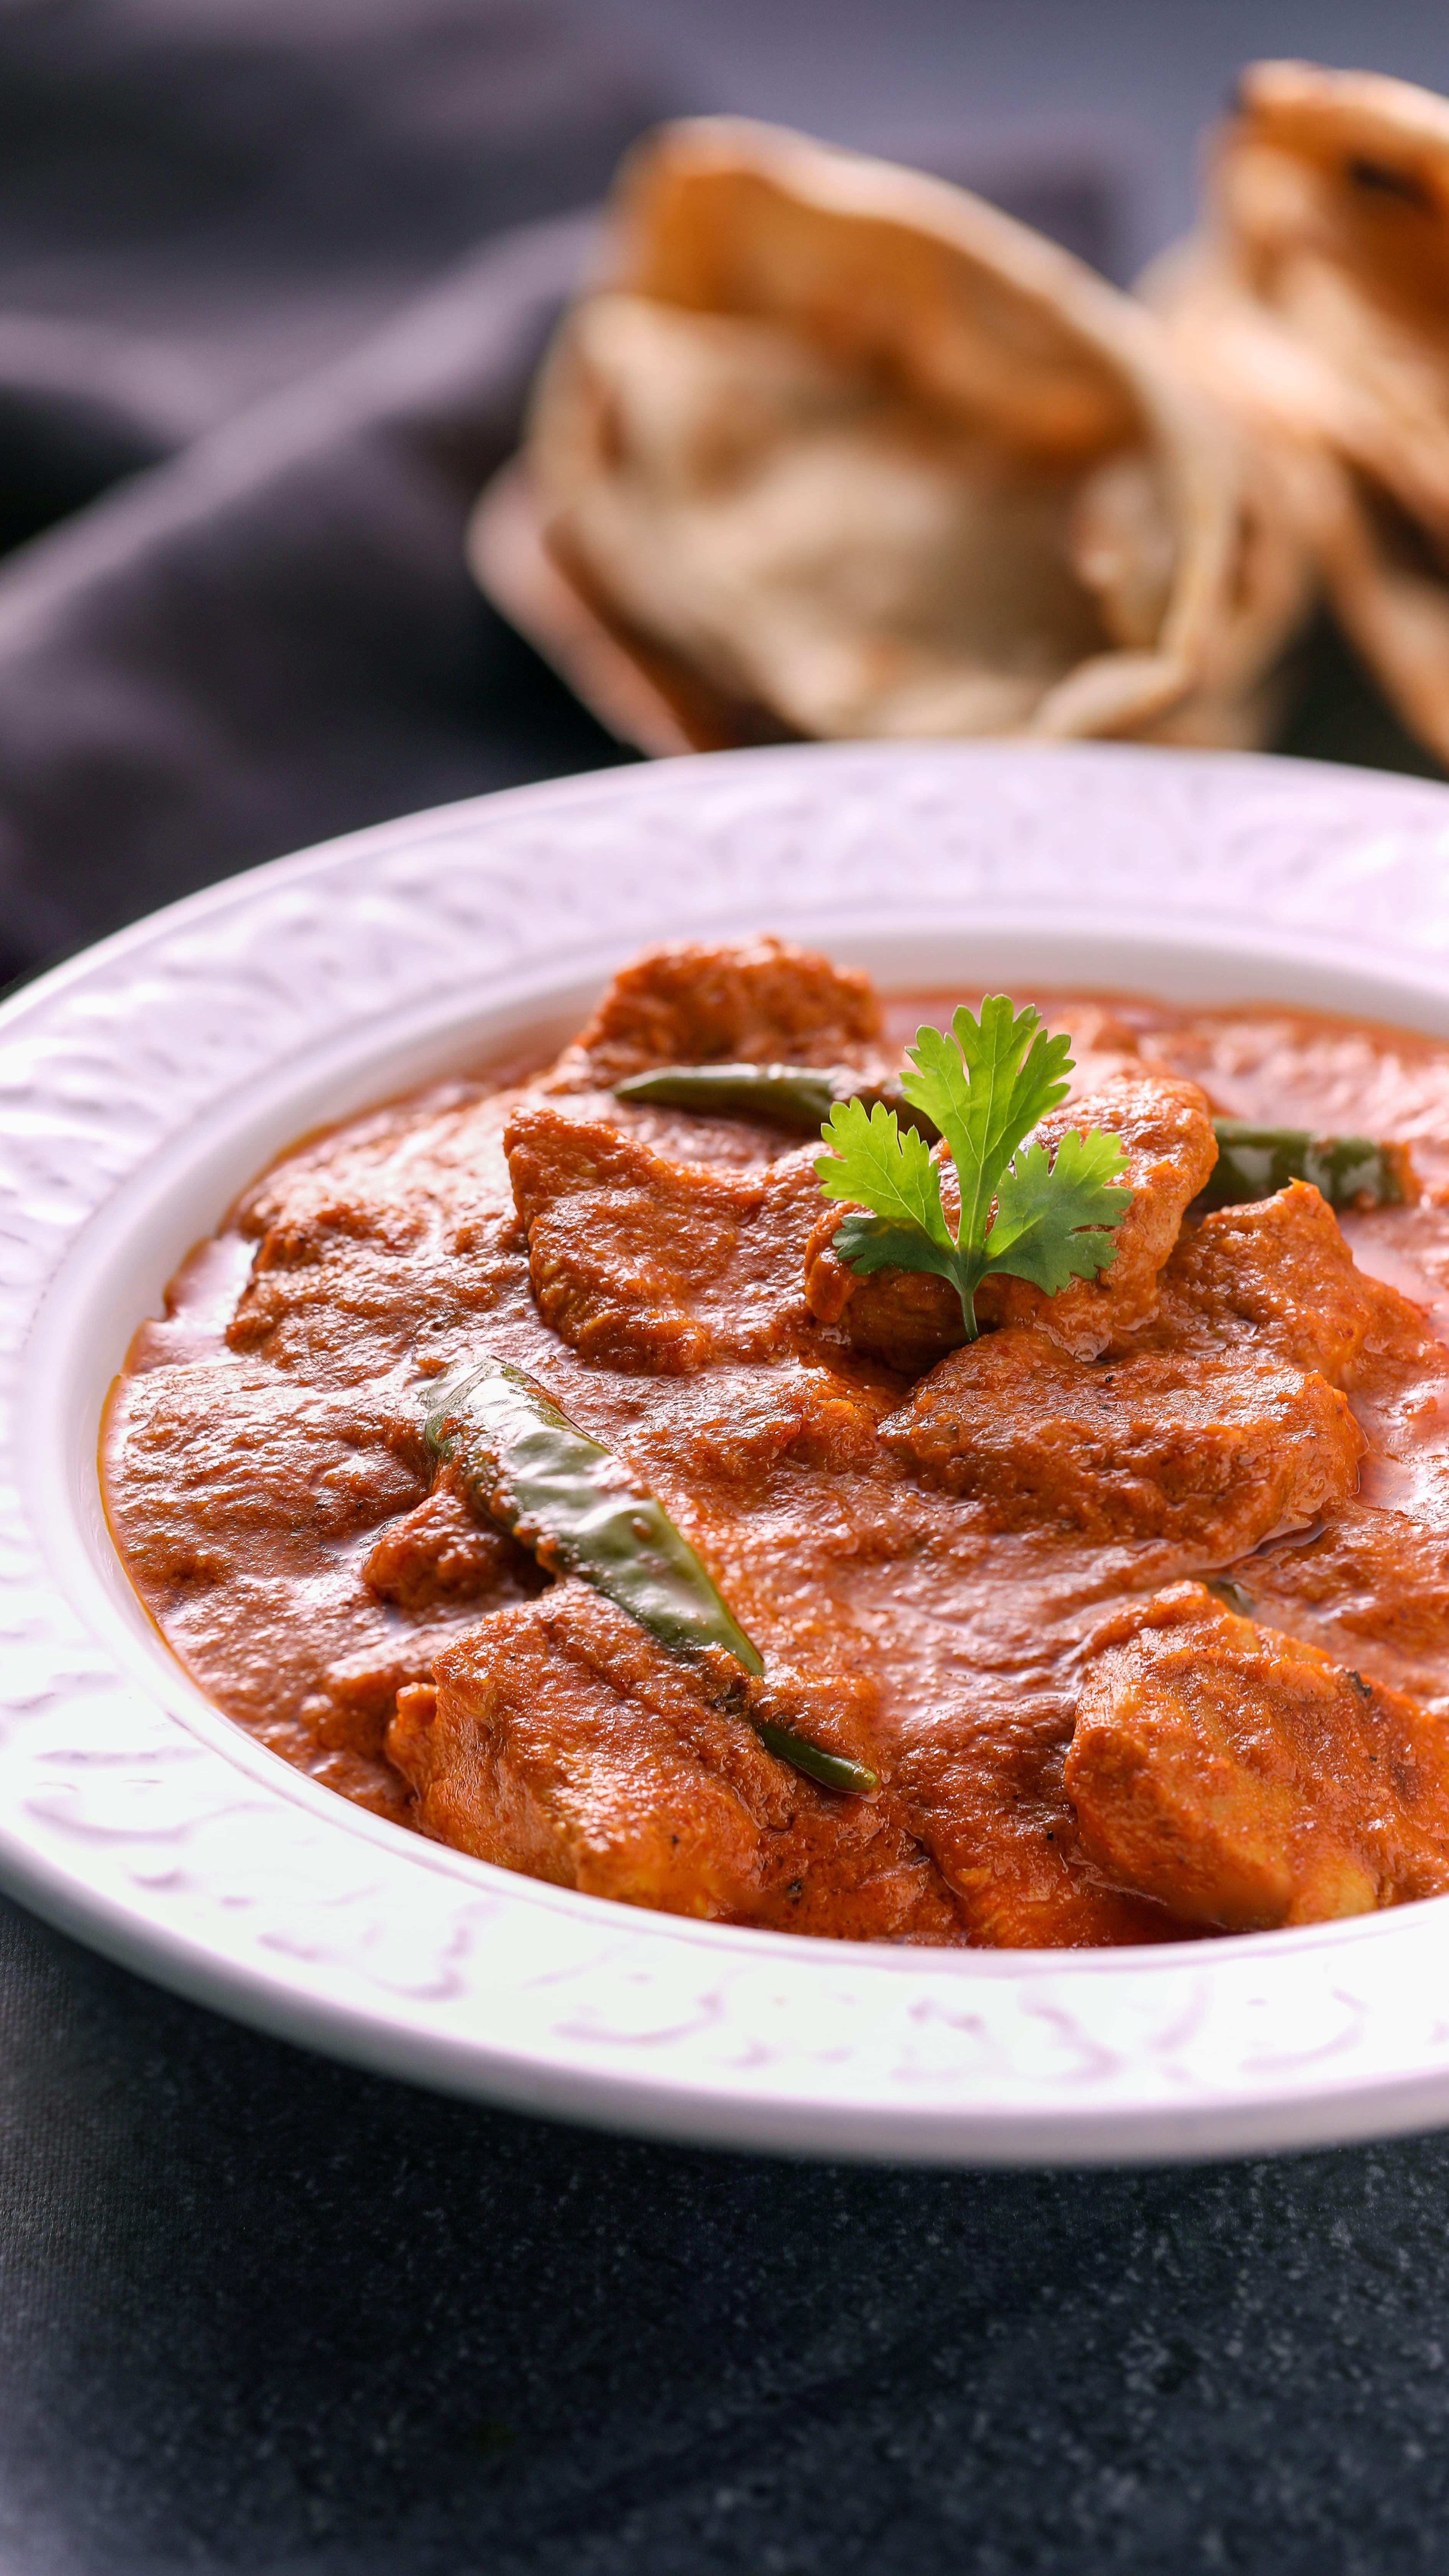 Chicken Tikka Masala دجاج تكا ماسالا Cooking Recipes Recipes Chicken Tikka